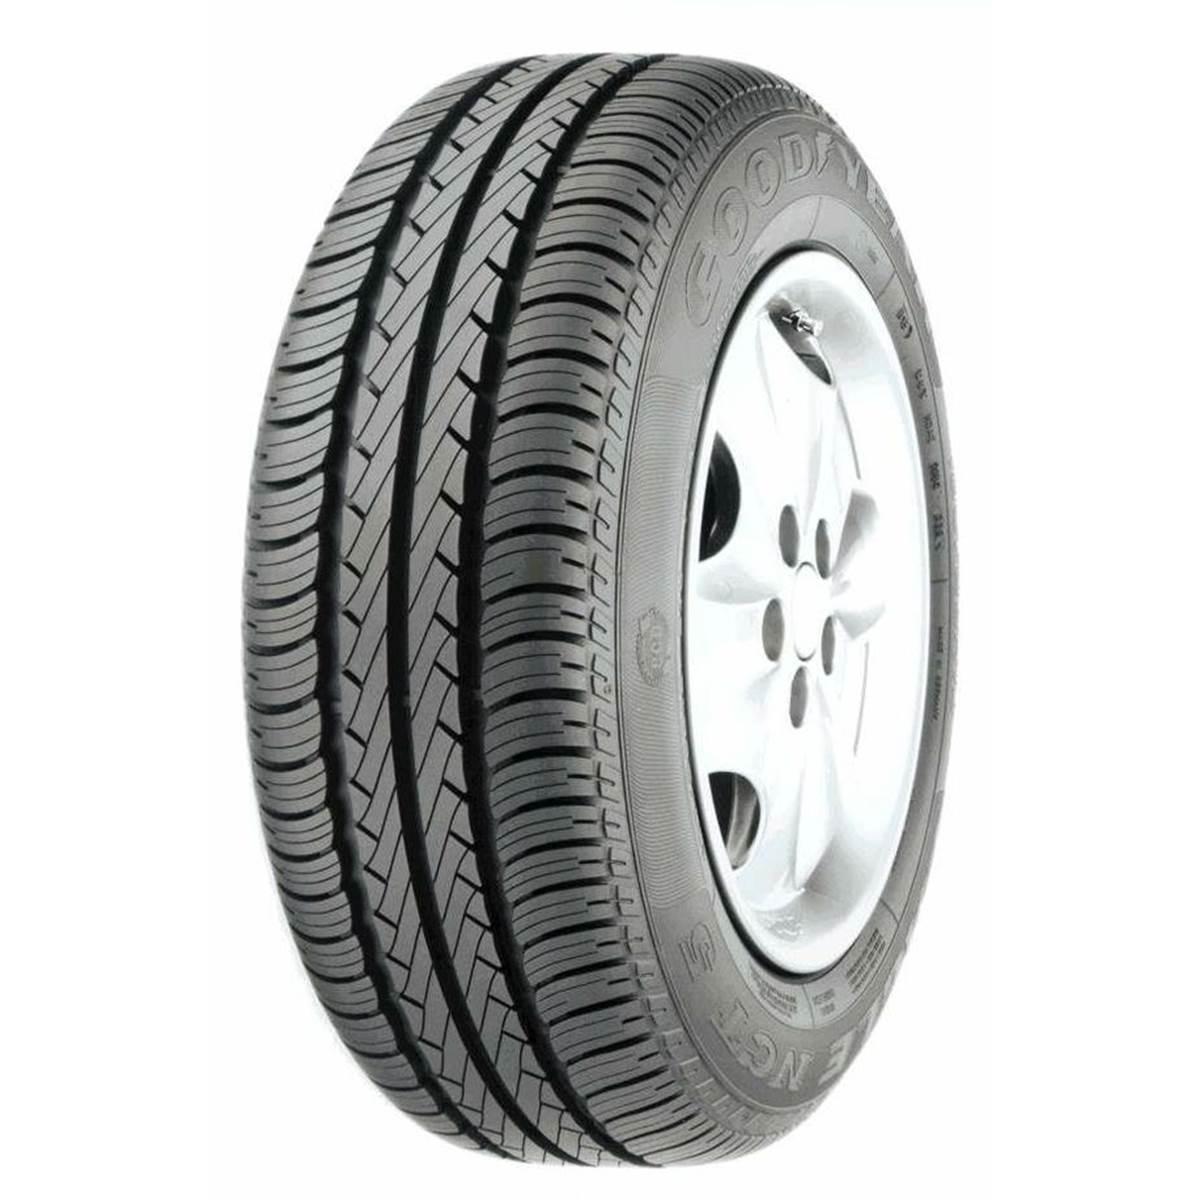 Comparer les prix des pneus Goodyear Eagle NCT5